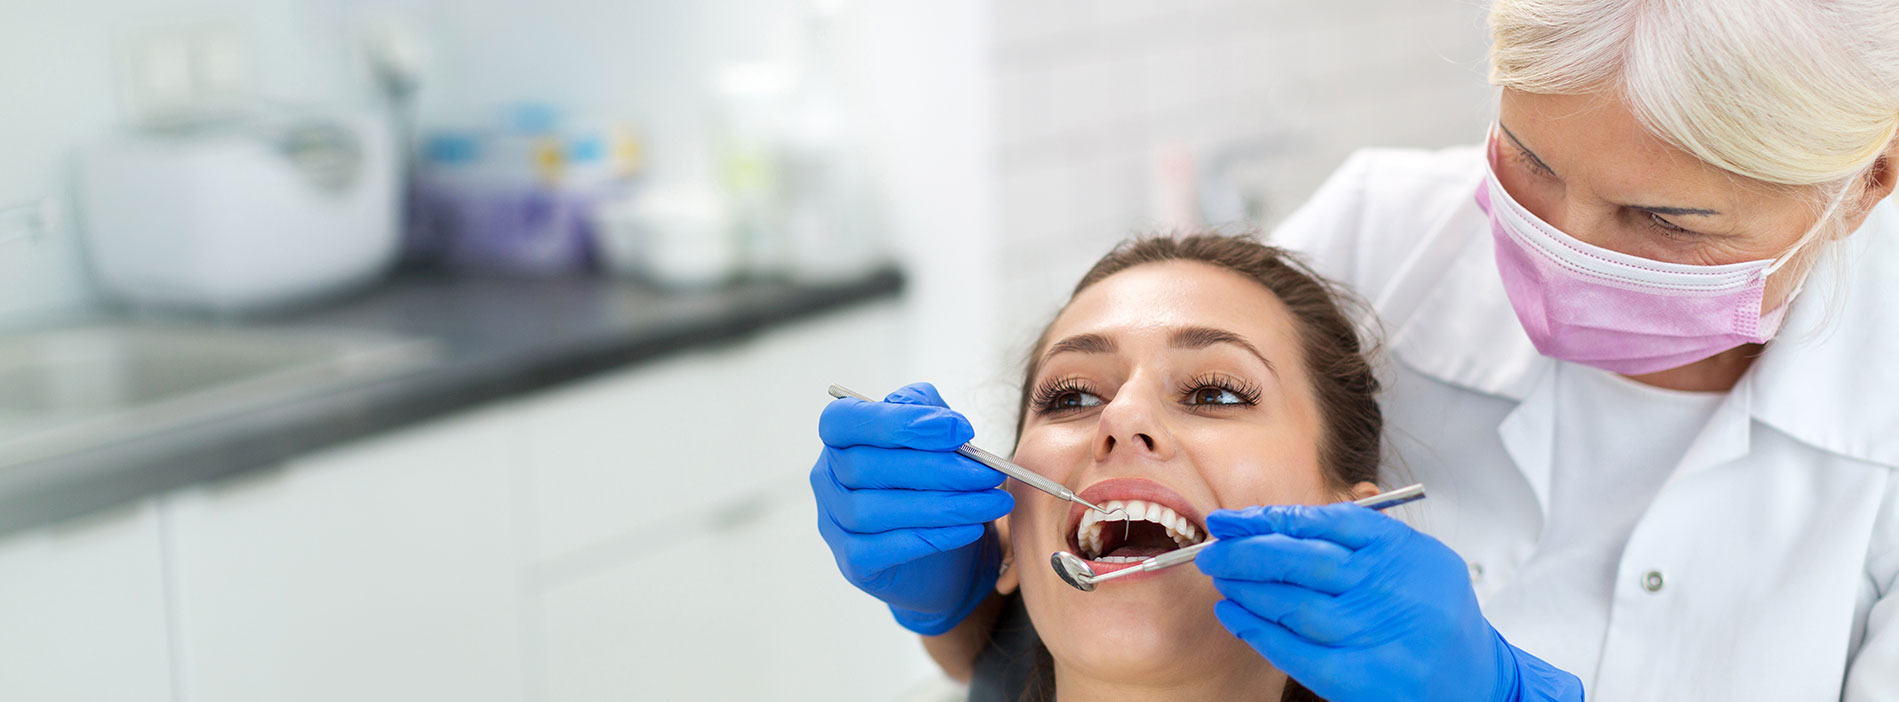 Woman having dental checkup at dental clinic